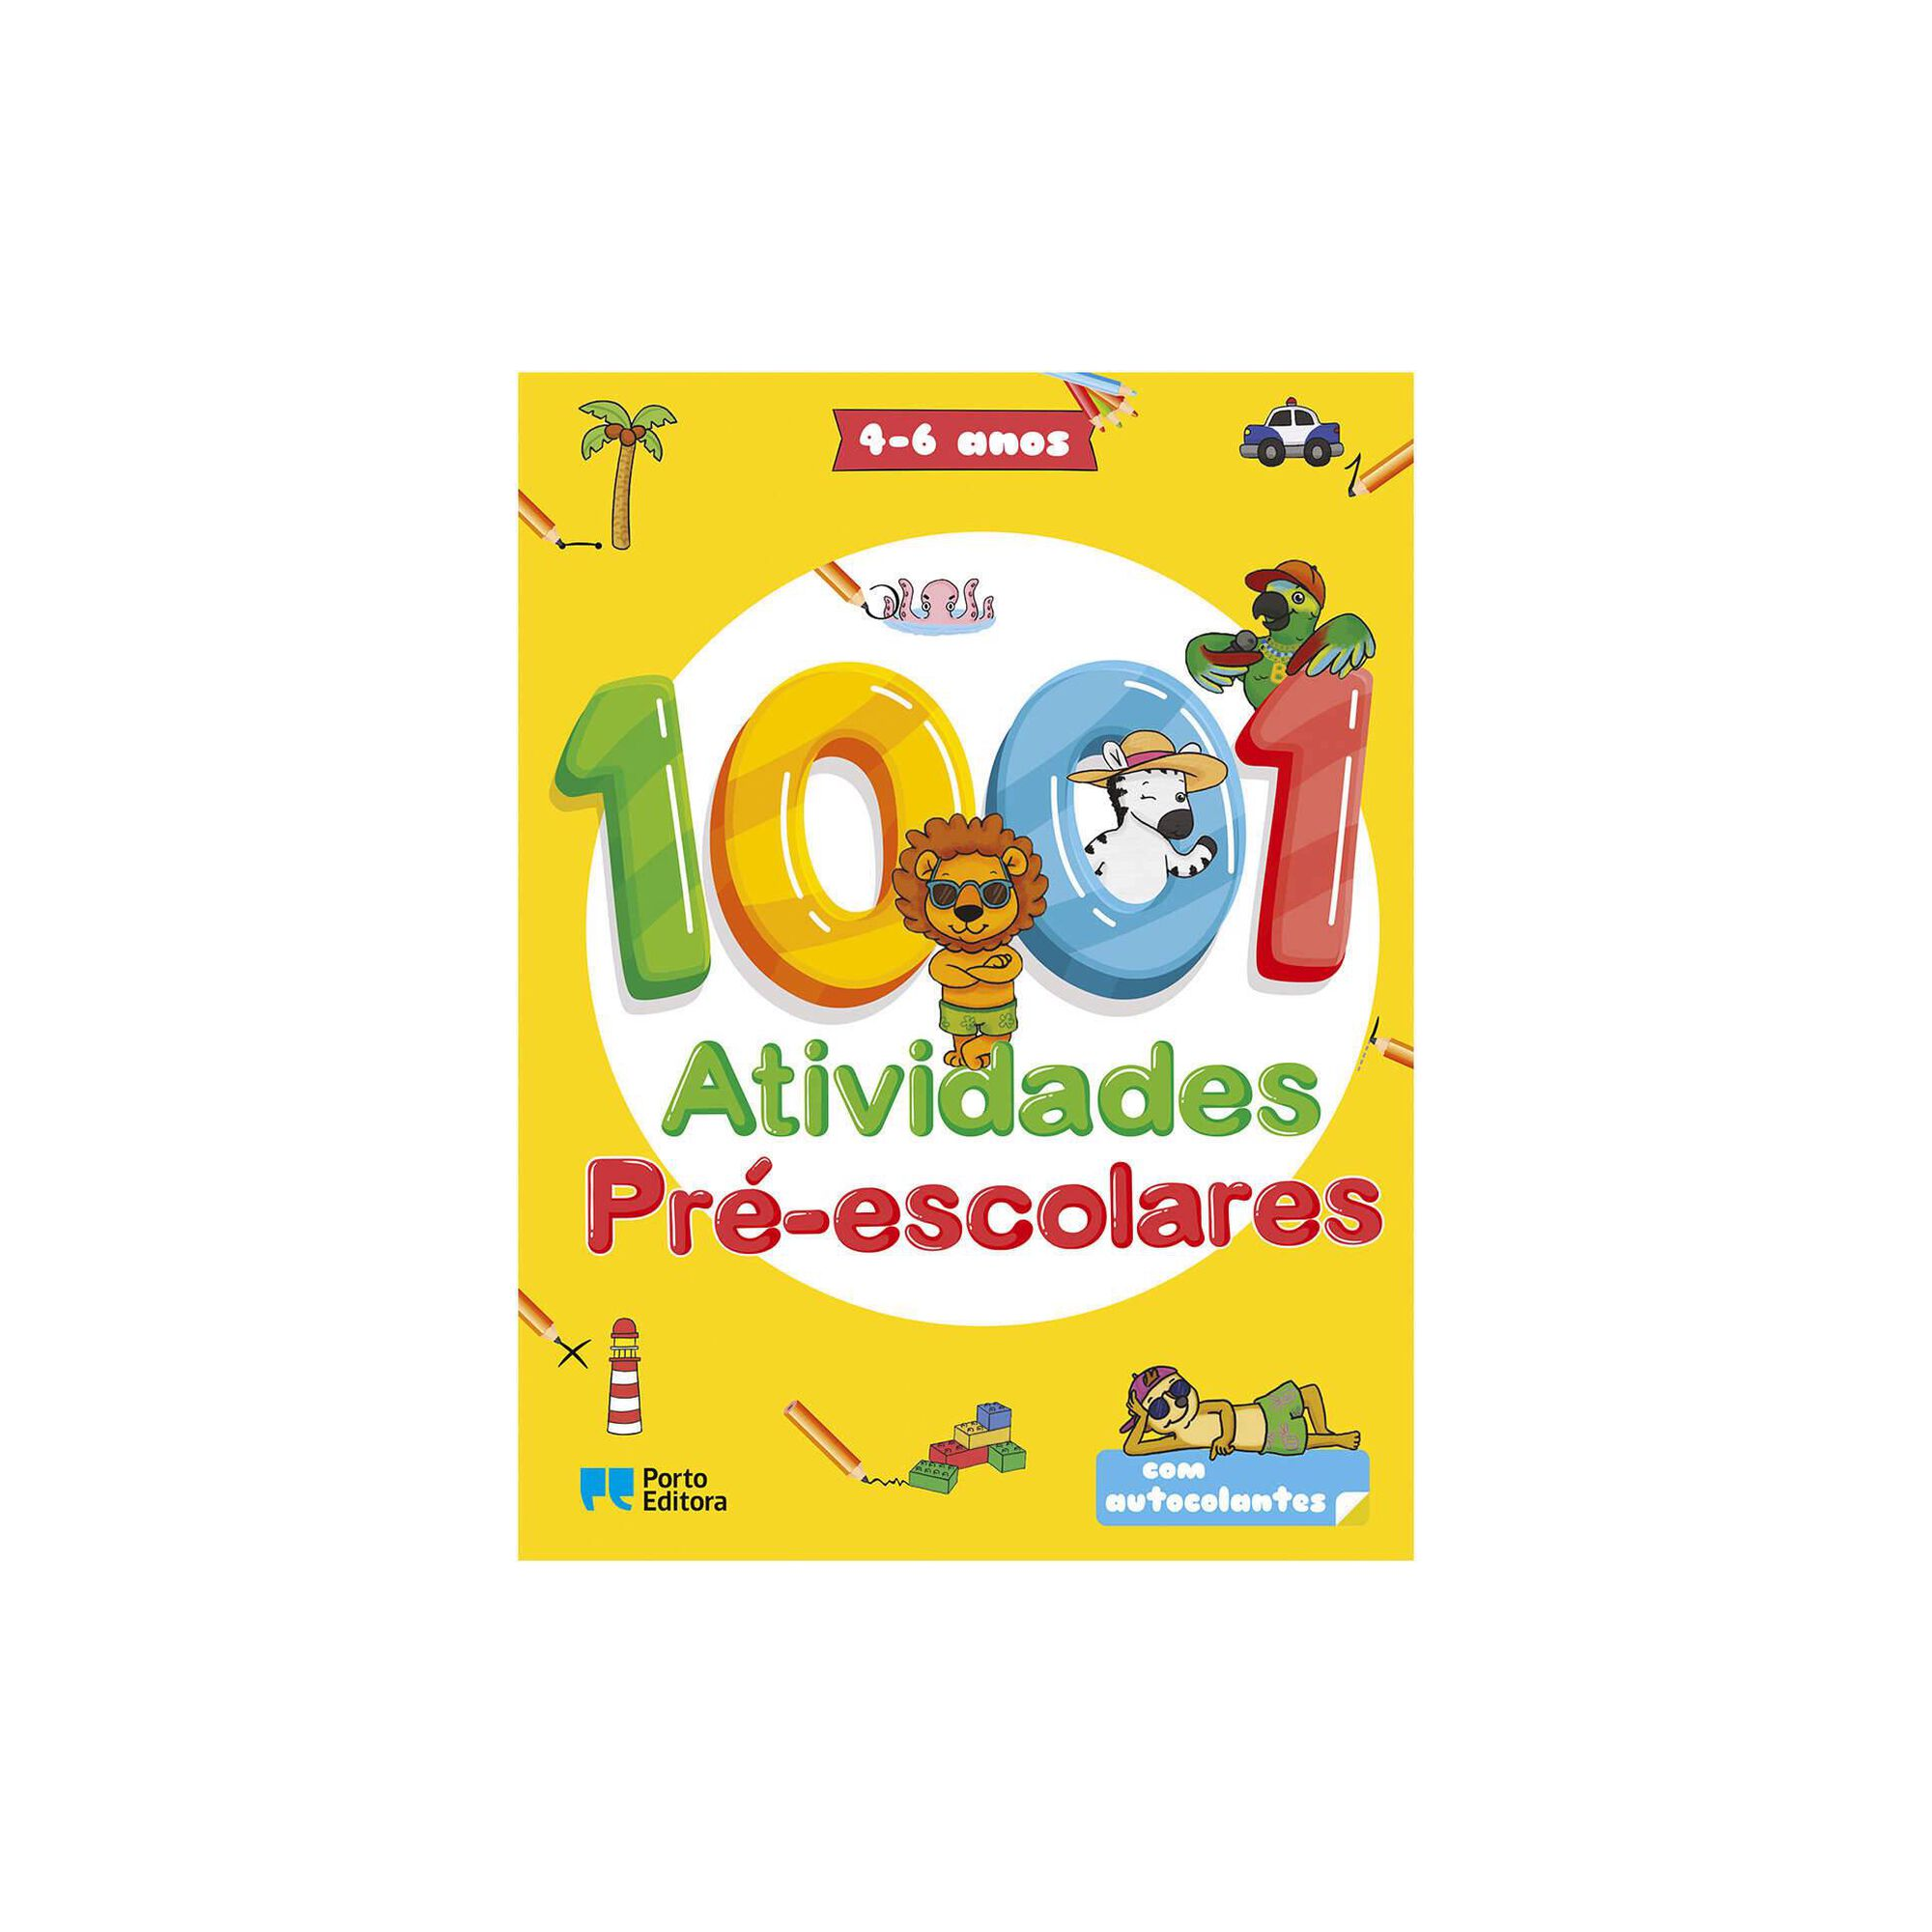 1001 Atividades Pré-escolares